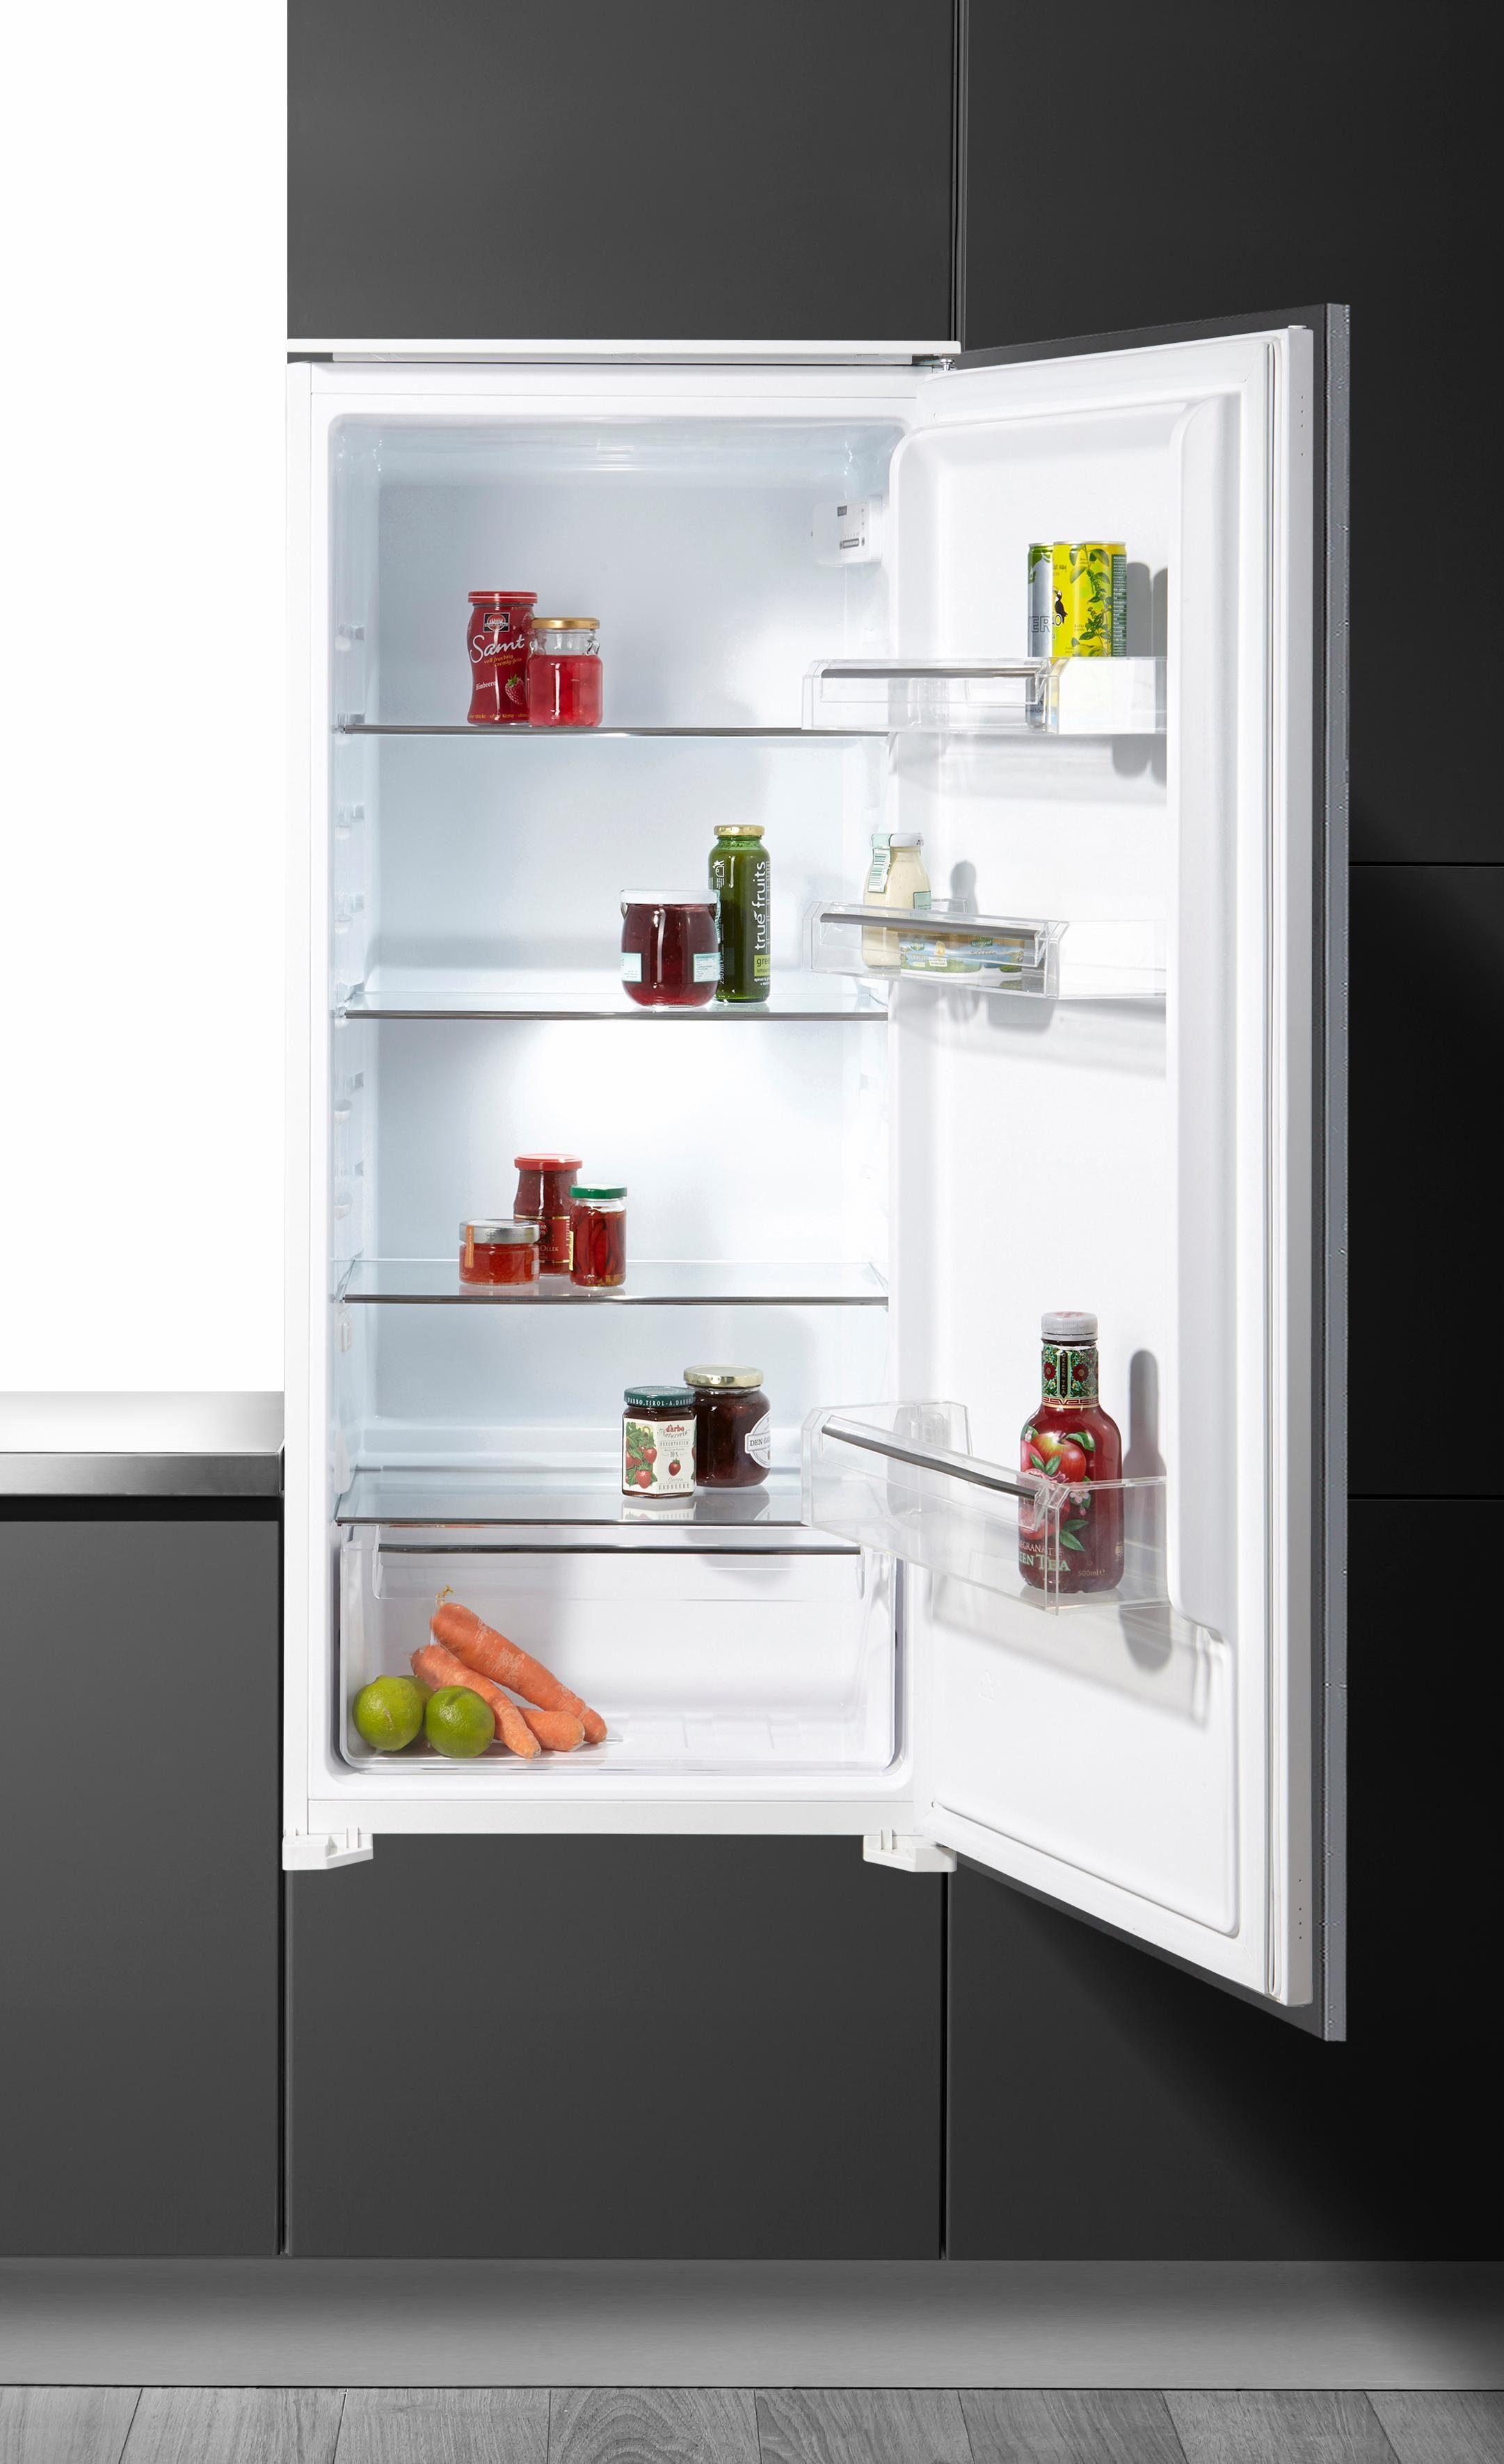 Hanseatic Einbaukühlschrank HEKS12254A1, Energieklasse A+, 121 cm hoch